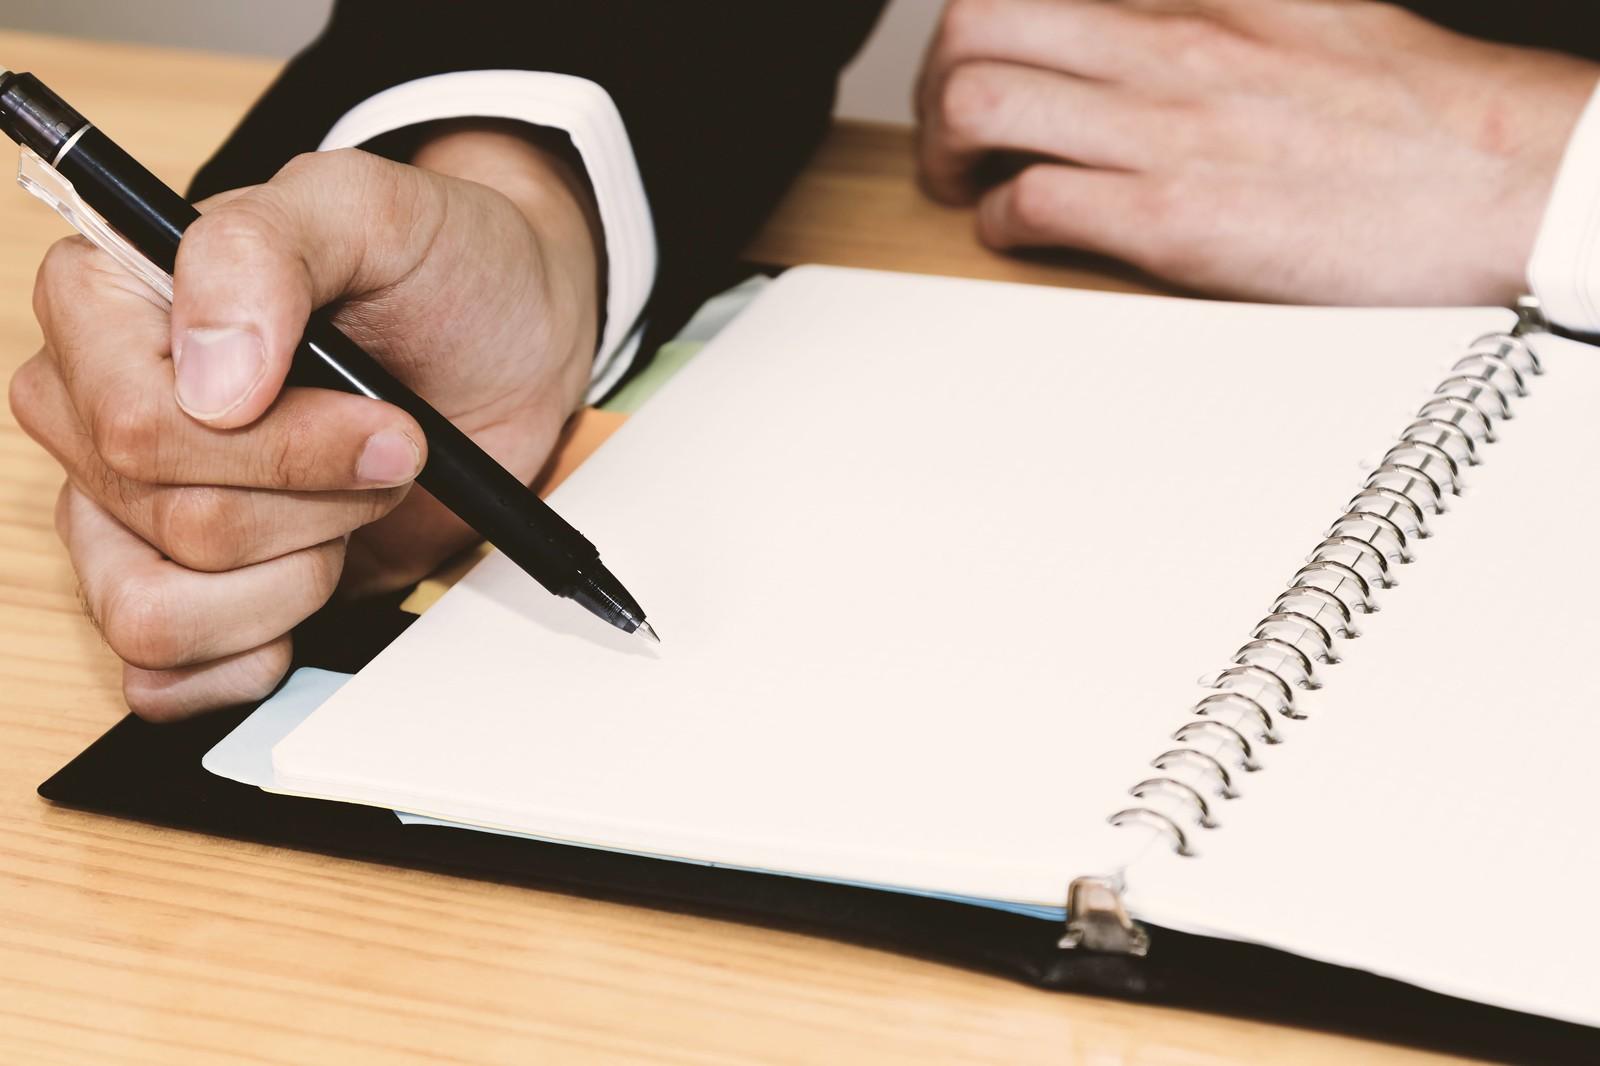 まとめ。公務員試験に落ちた既卒の方は、辛い気持ちを乗り越えて行動すべき